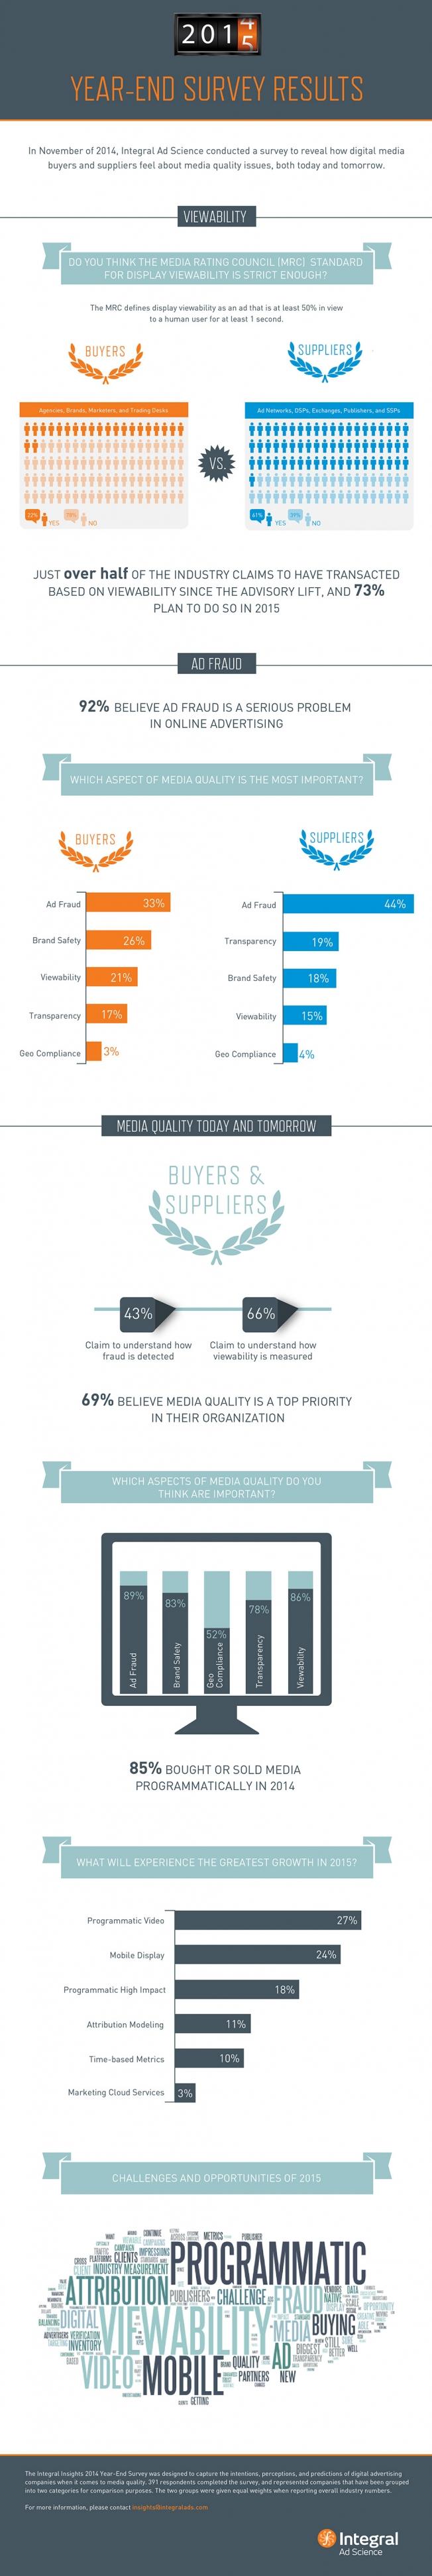 ye-infographic-01b-2014